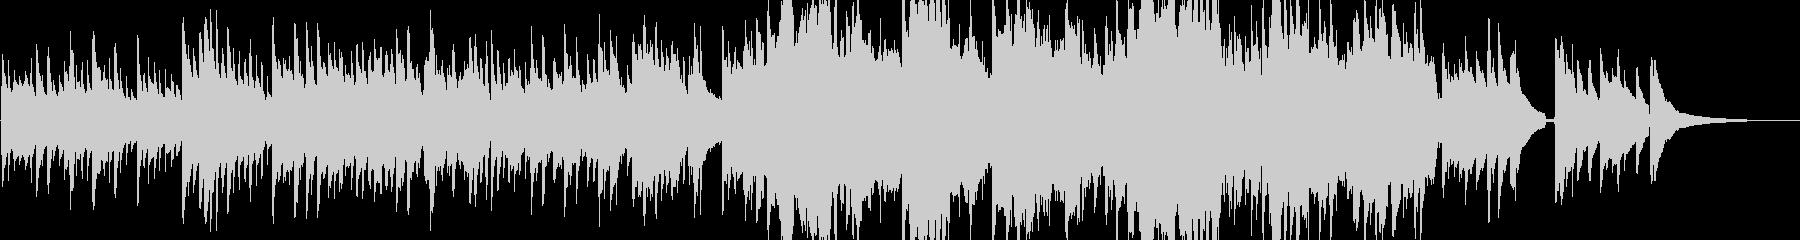 企業VP13 24bit44kHzVerの未再生の波形